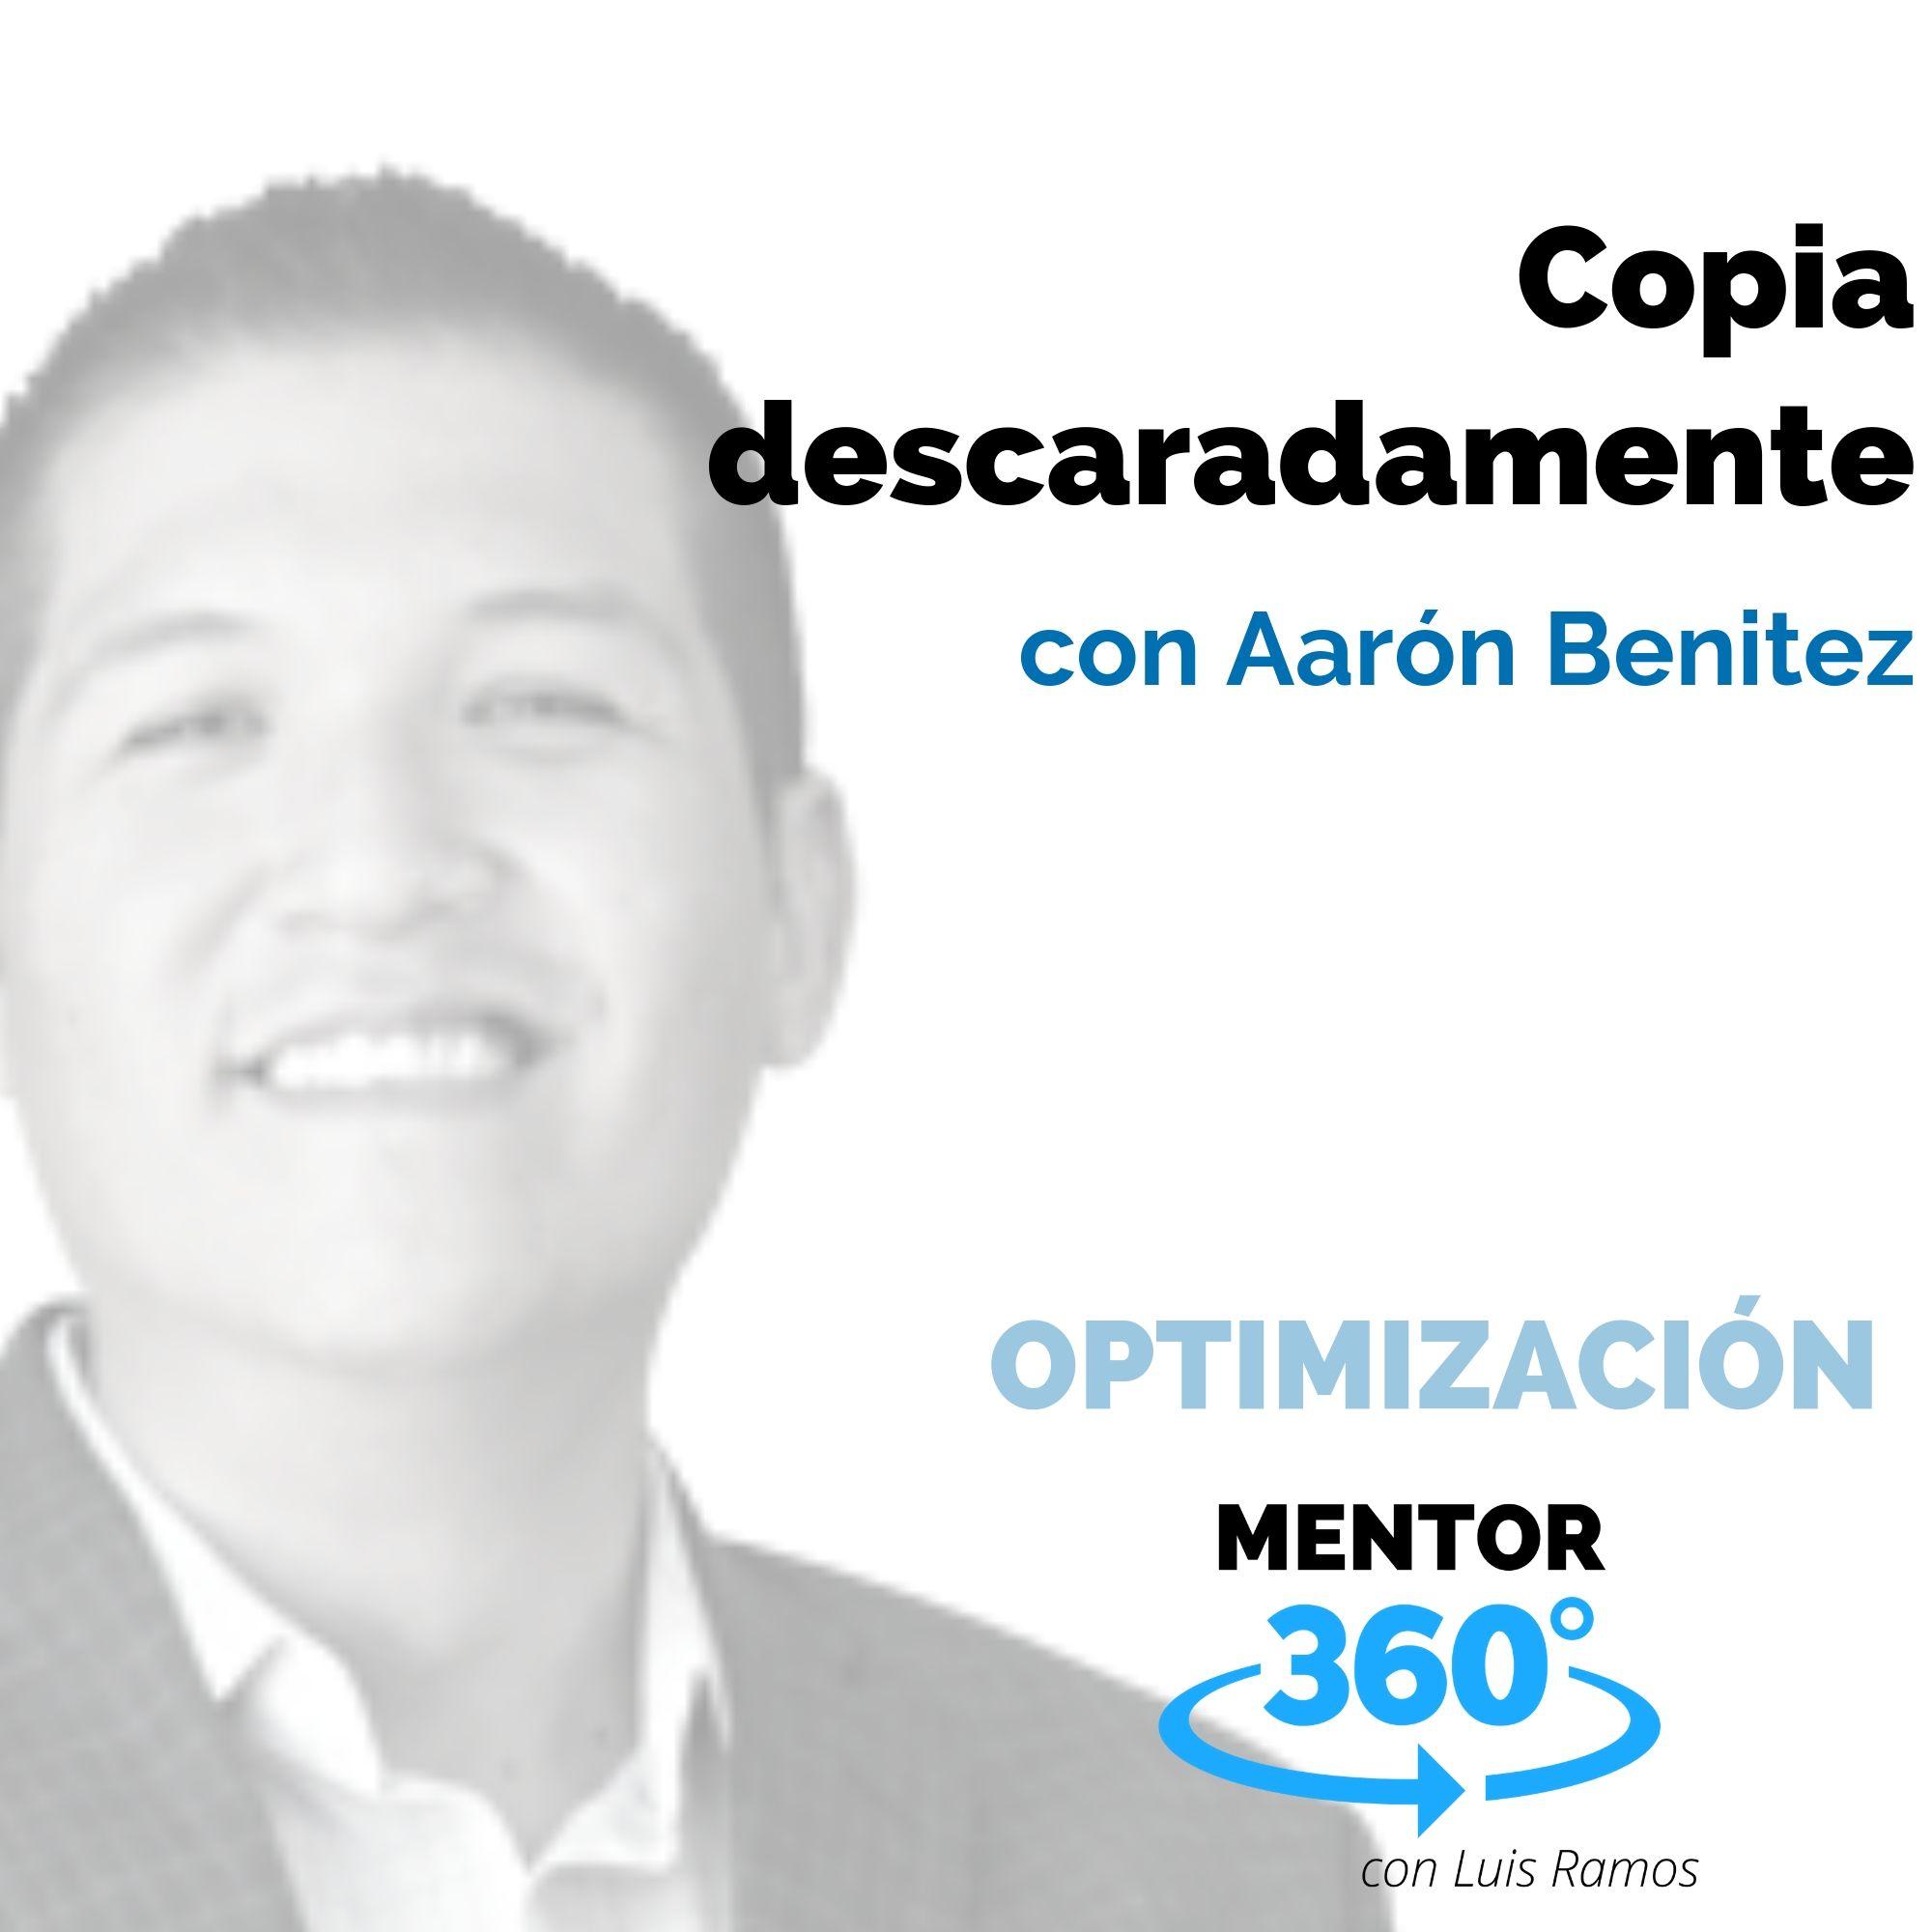 Copia descaradamente, con Aarón Benitez - OPTIMIZACIÓN